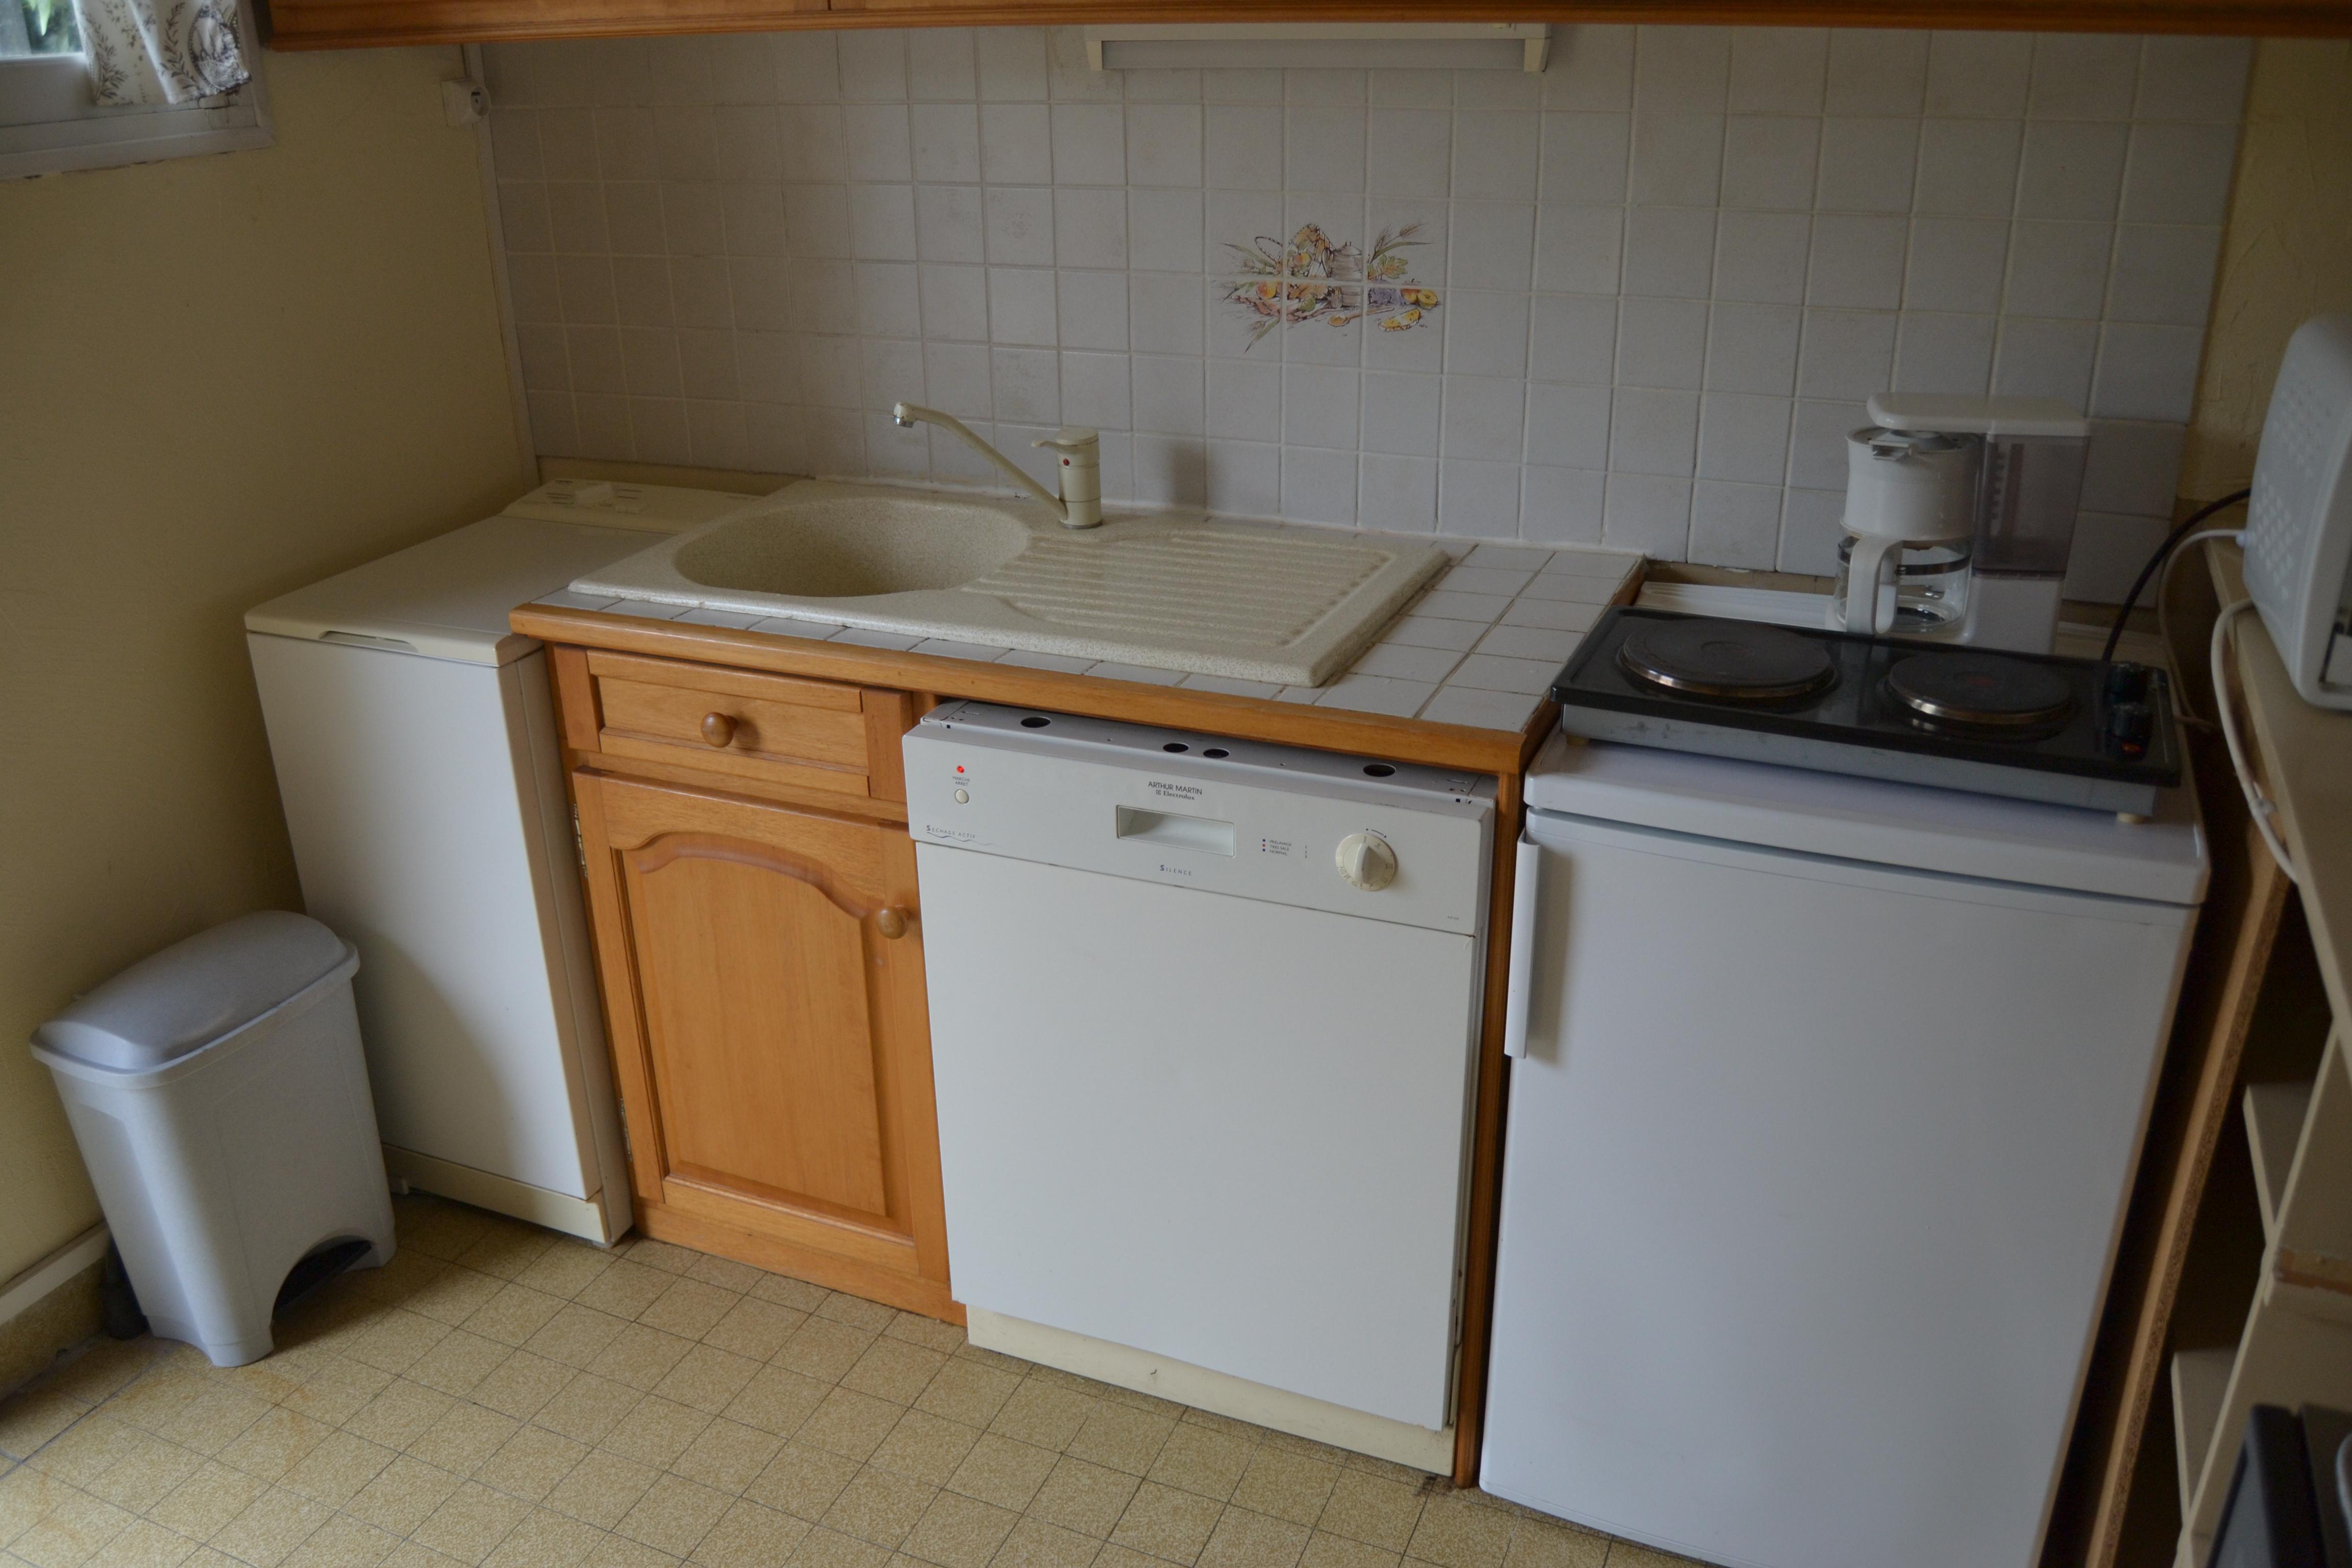 meubles bas de la cuisine lave linge lave vaisselle et r frig rateur avec 2 plaques. Black Bedroom Furniture Sets. Home Design Ideas